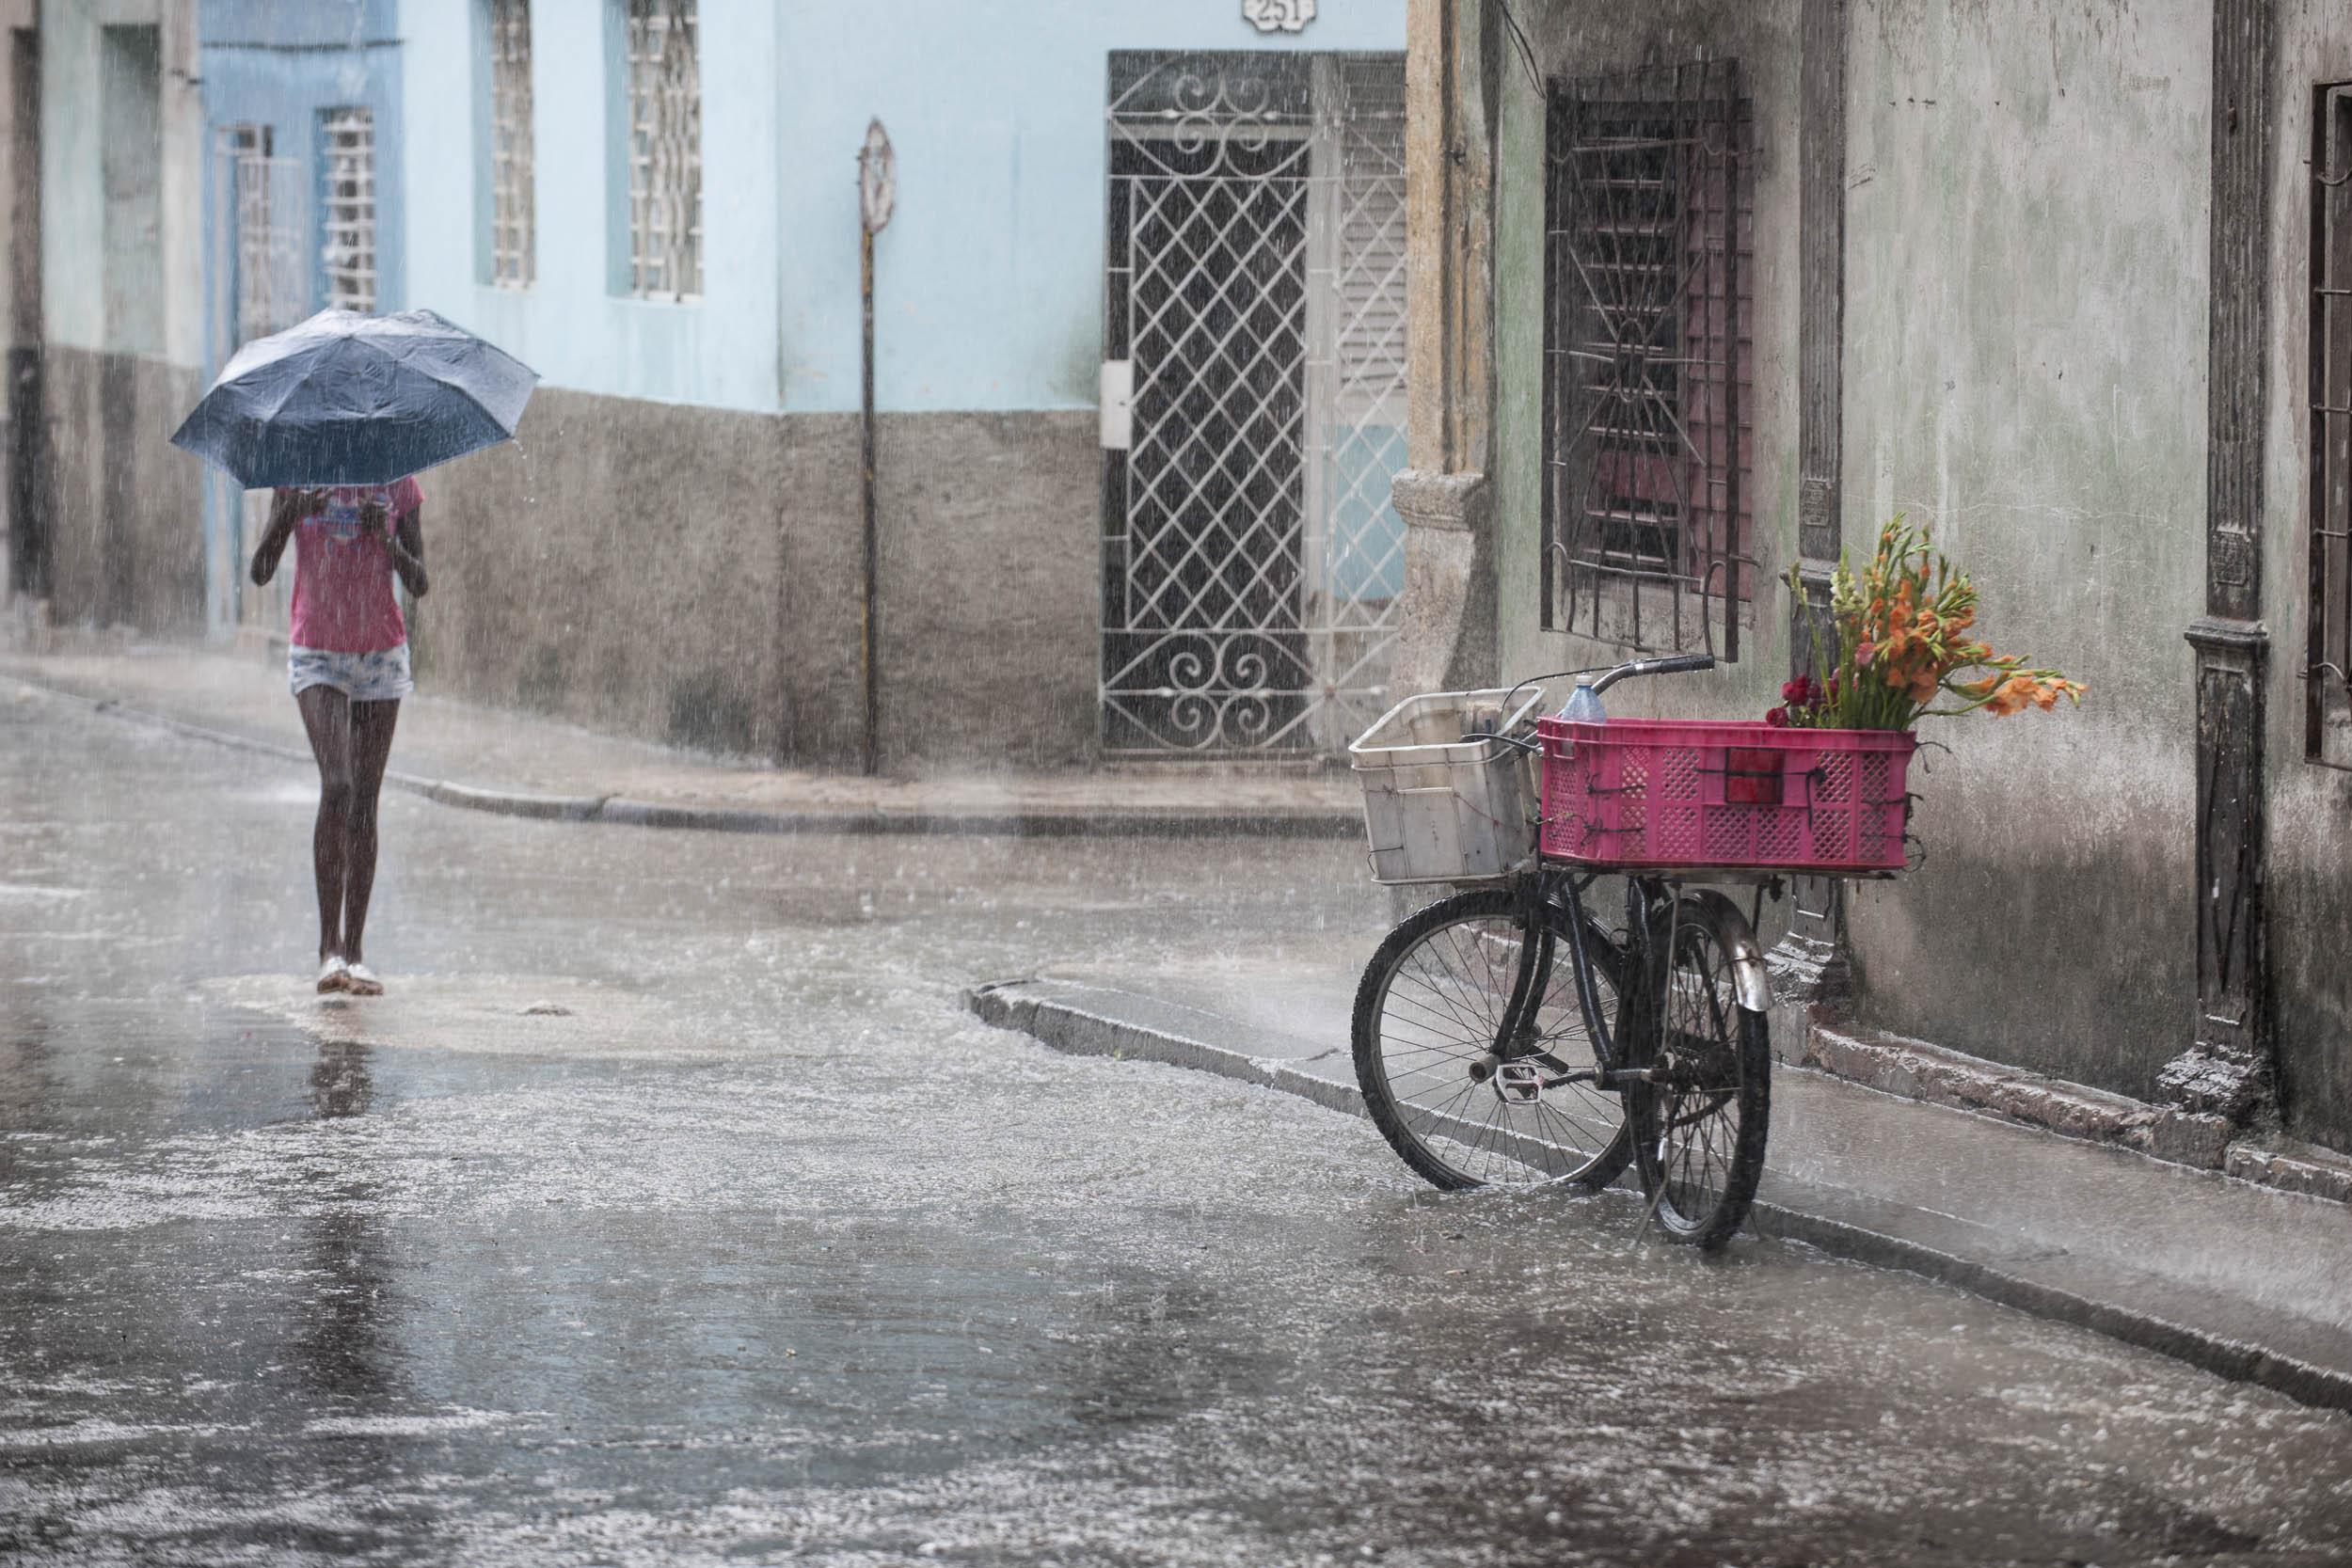 Flores mojadas - Cuba - Hector Garrido, Aerial and human photography